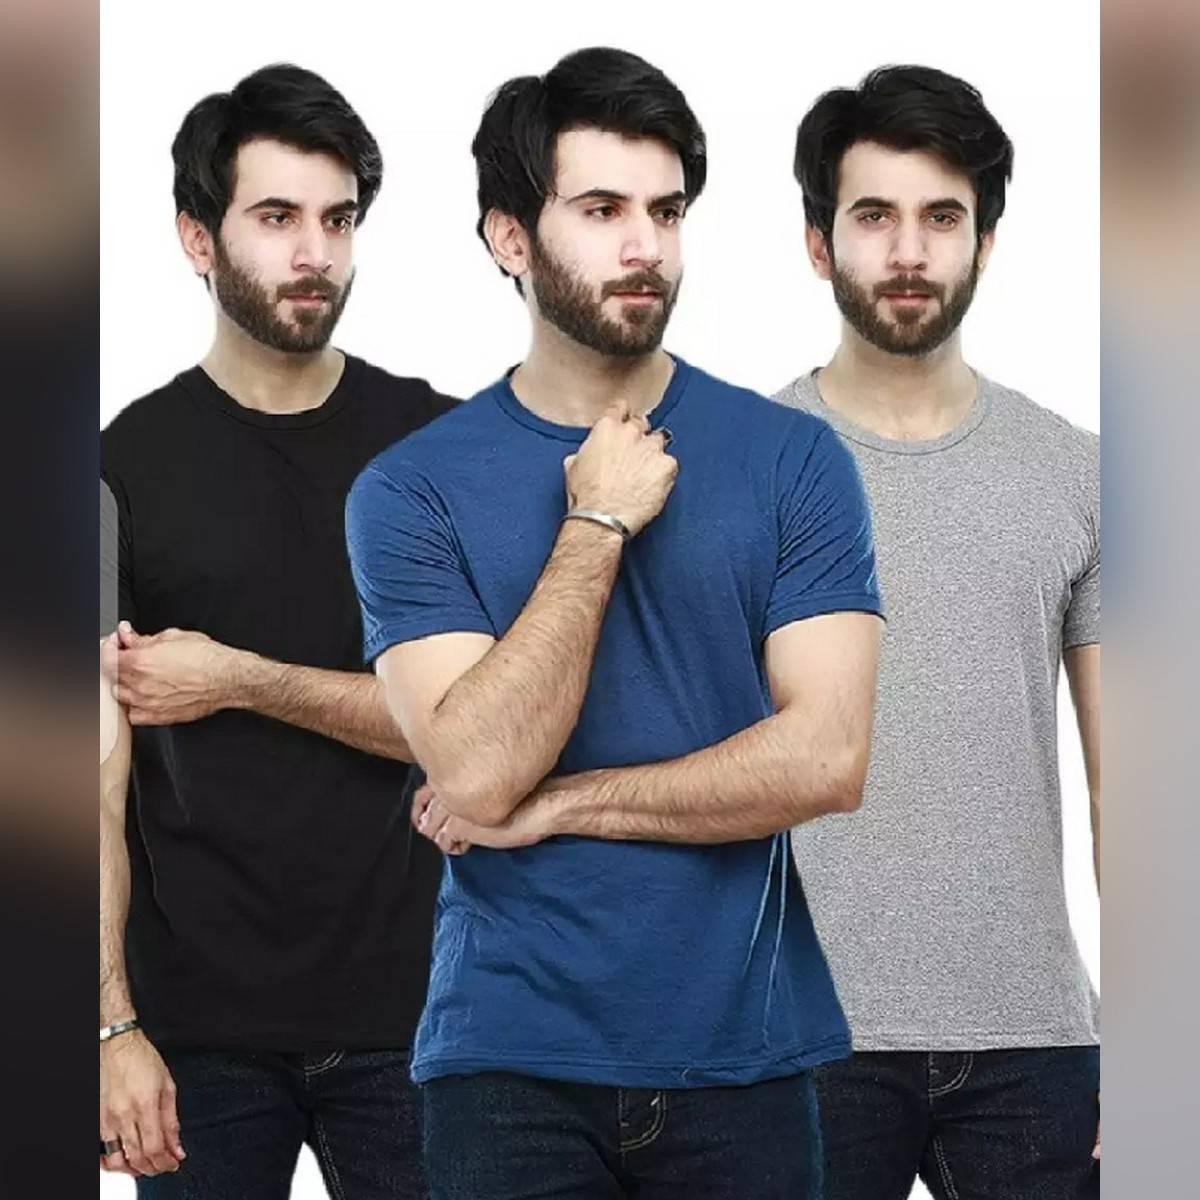 Pack of 3 basic t shirt